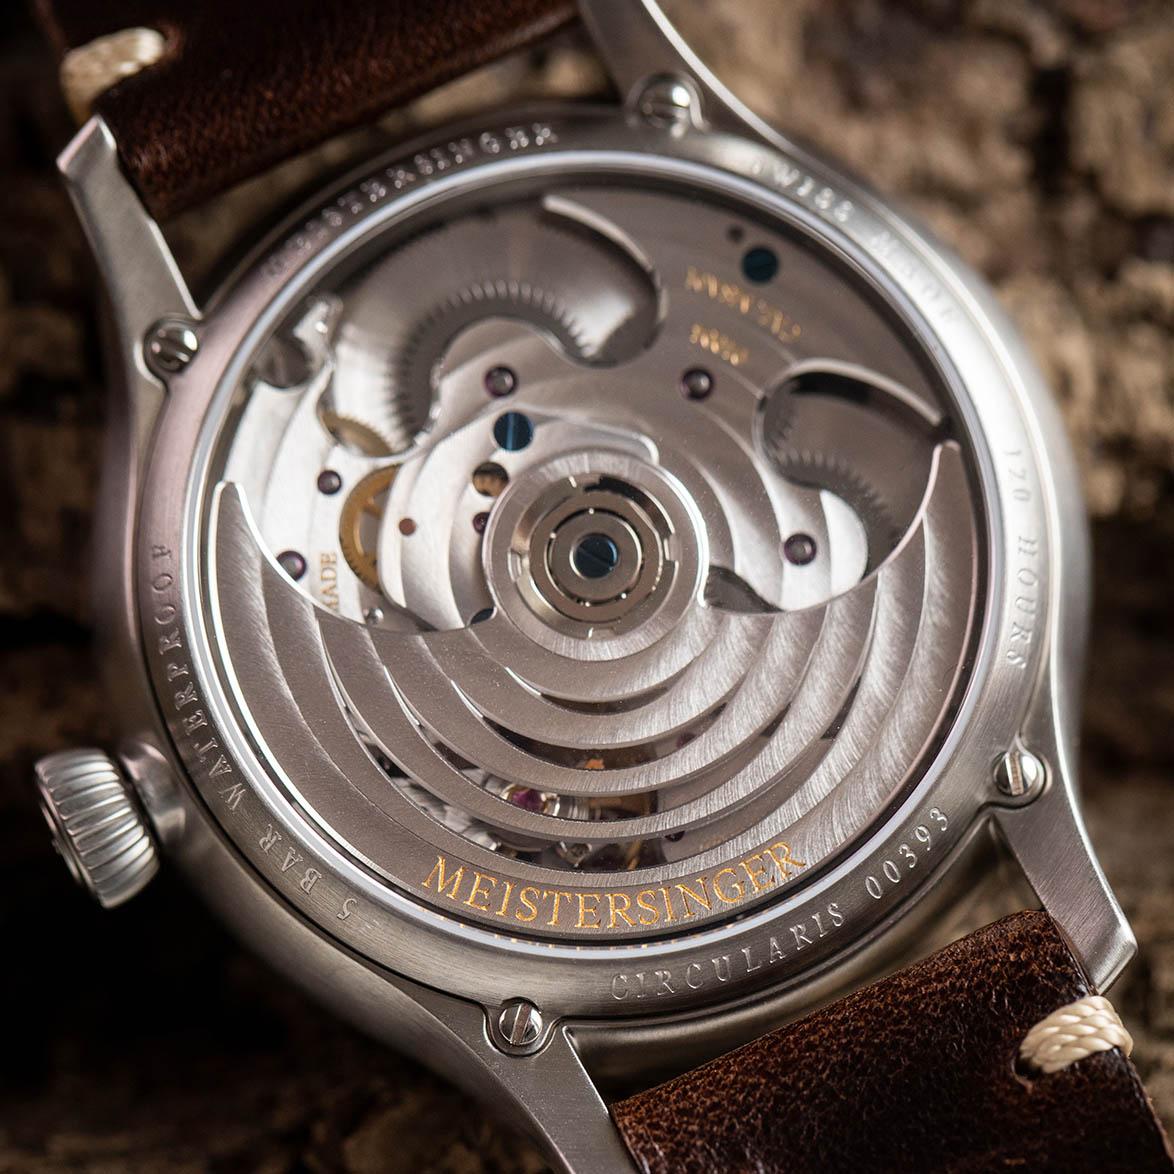 MeisterSinger Circularis Automatic Old Radium